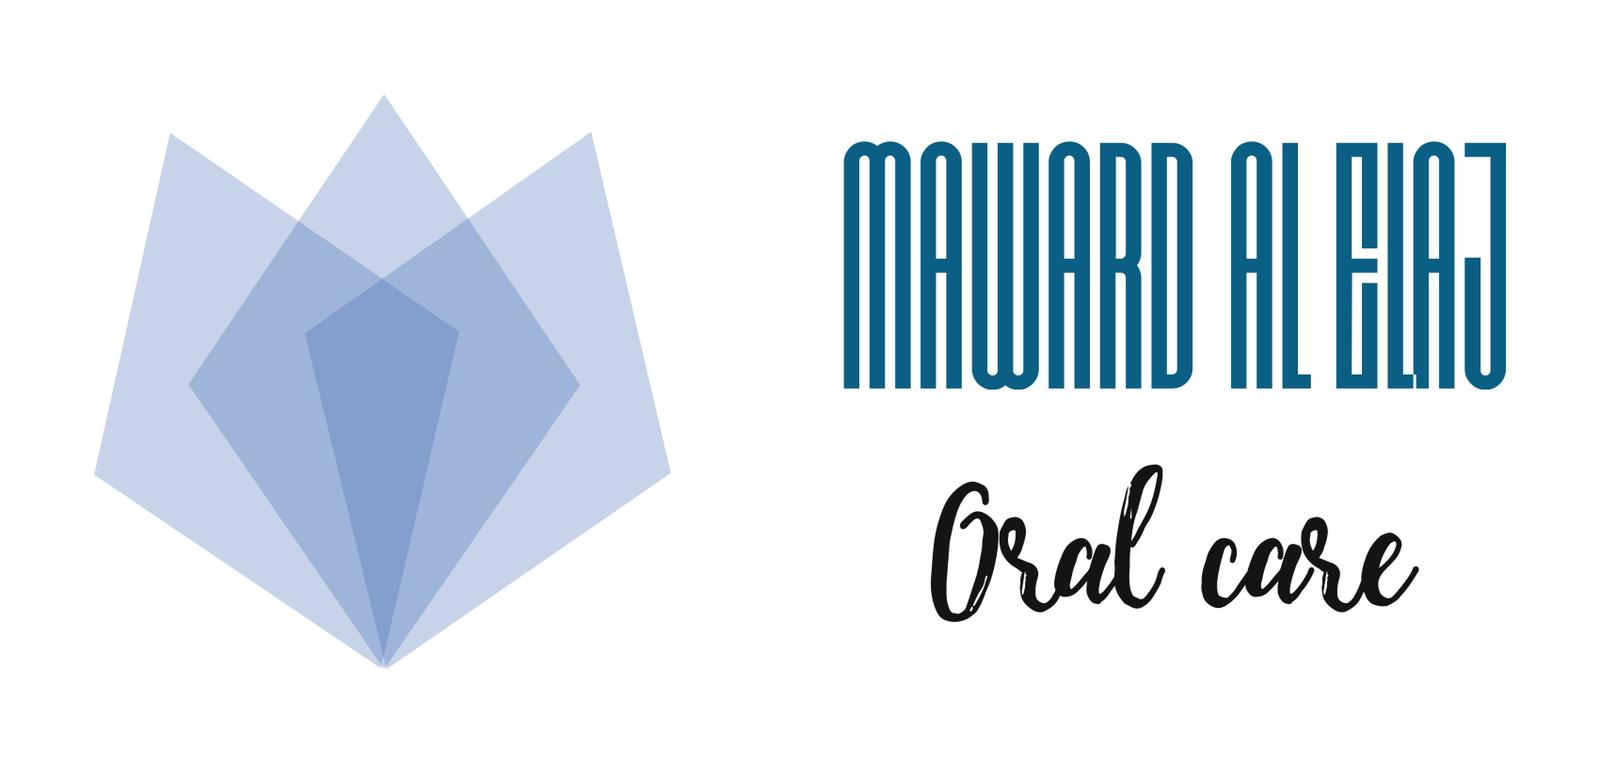 Maward Alelaj Oral Care Co.   شركة موارد العلاج الطبية